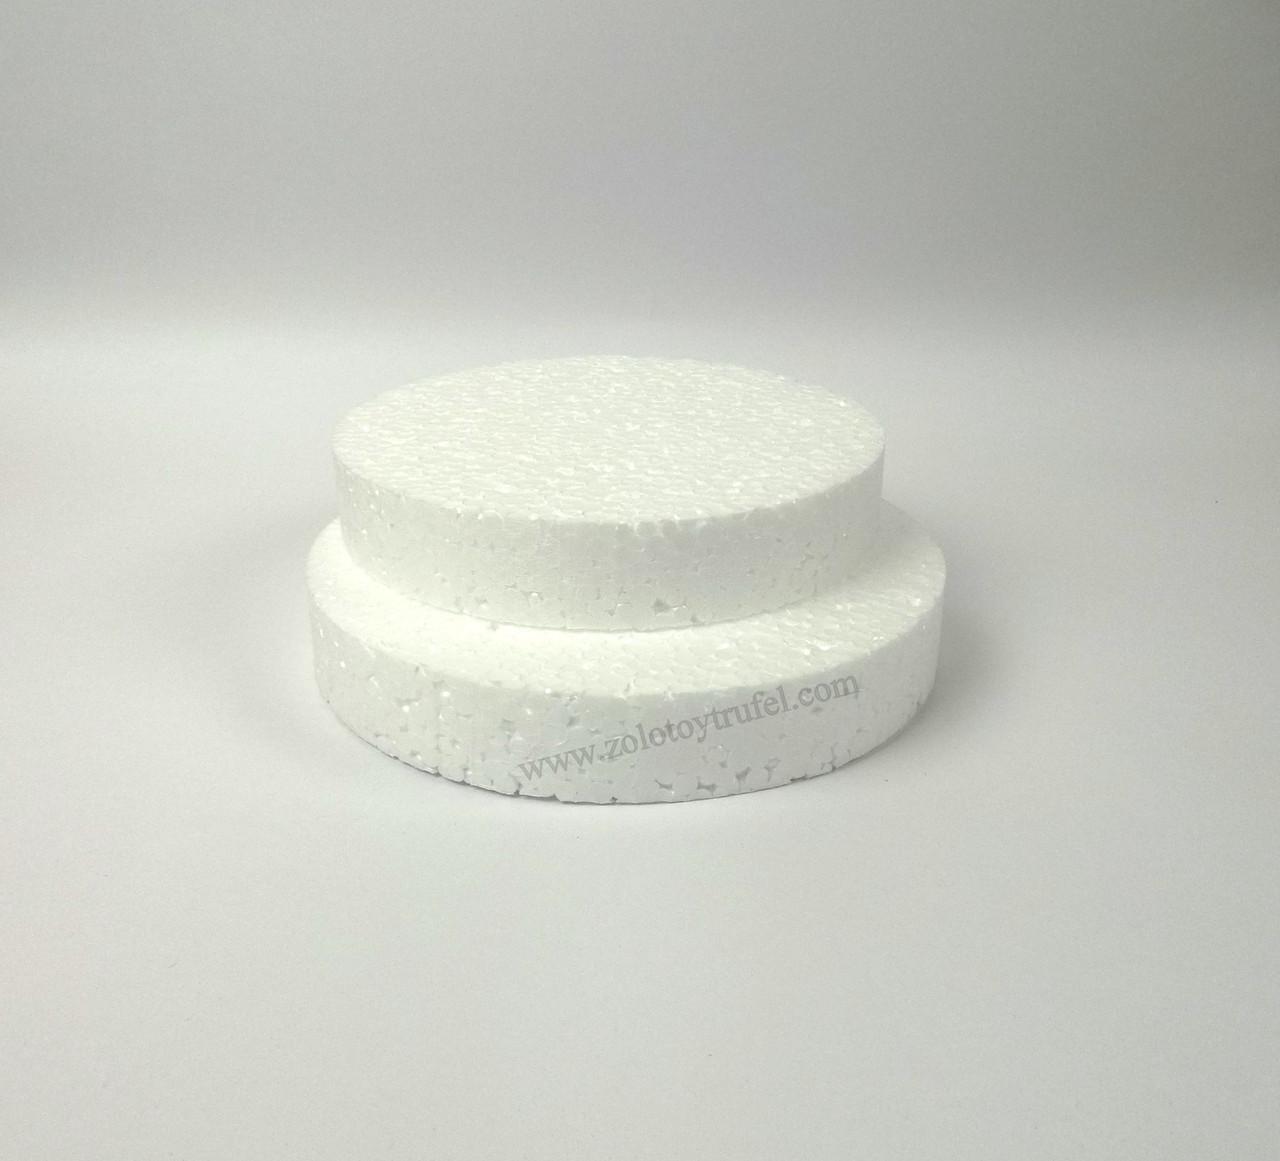 Прослойки пенопластовые для торта d 32 см h 3 см